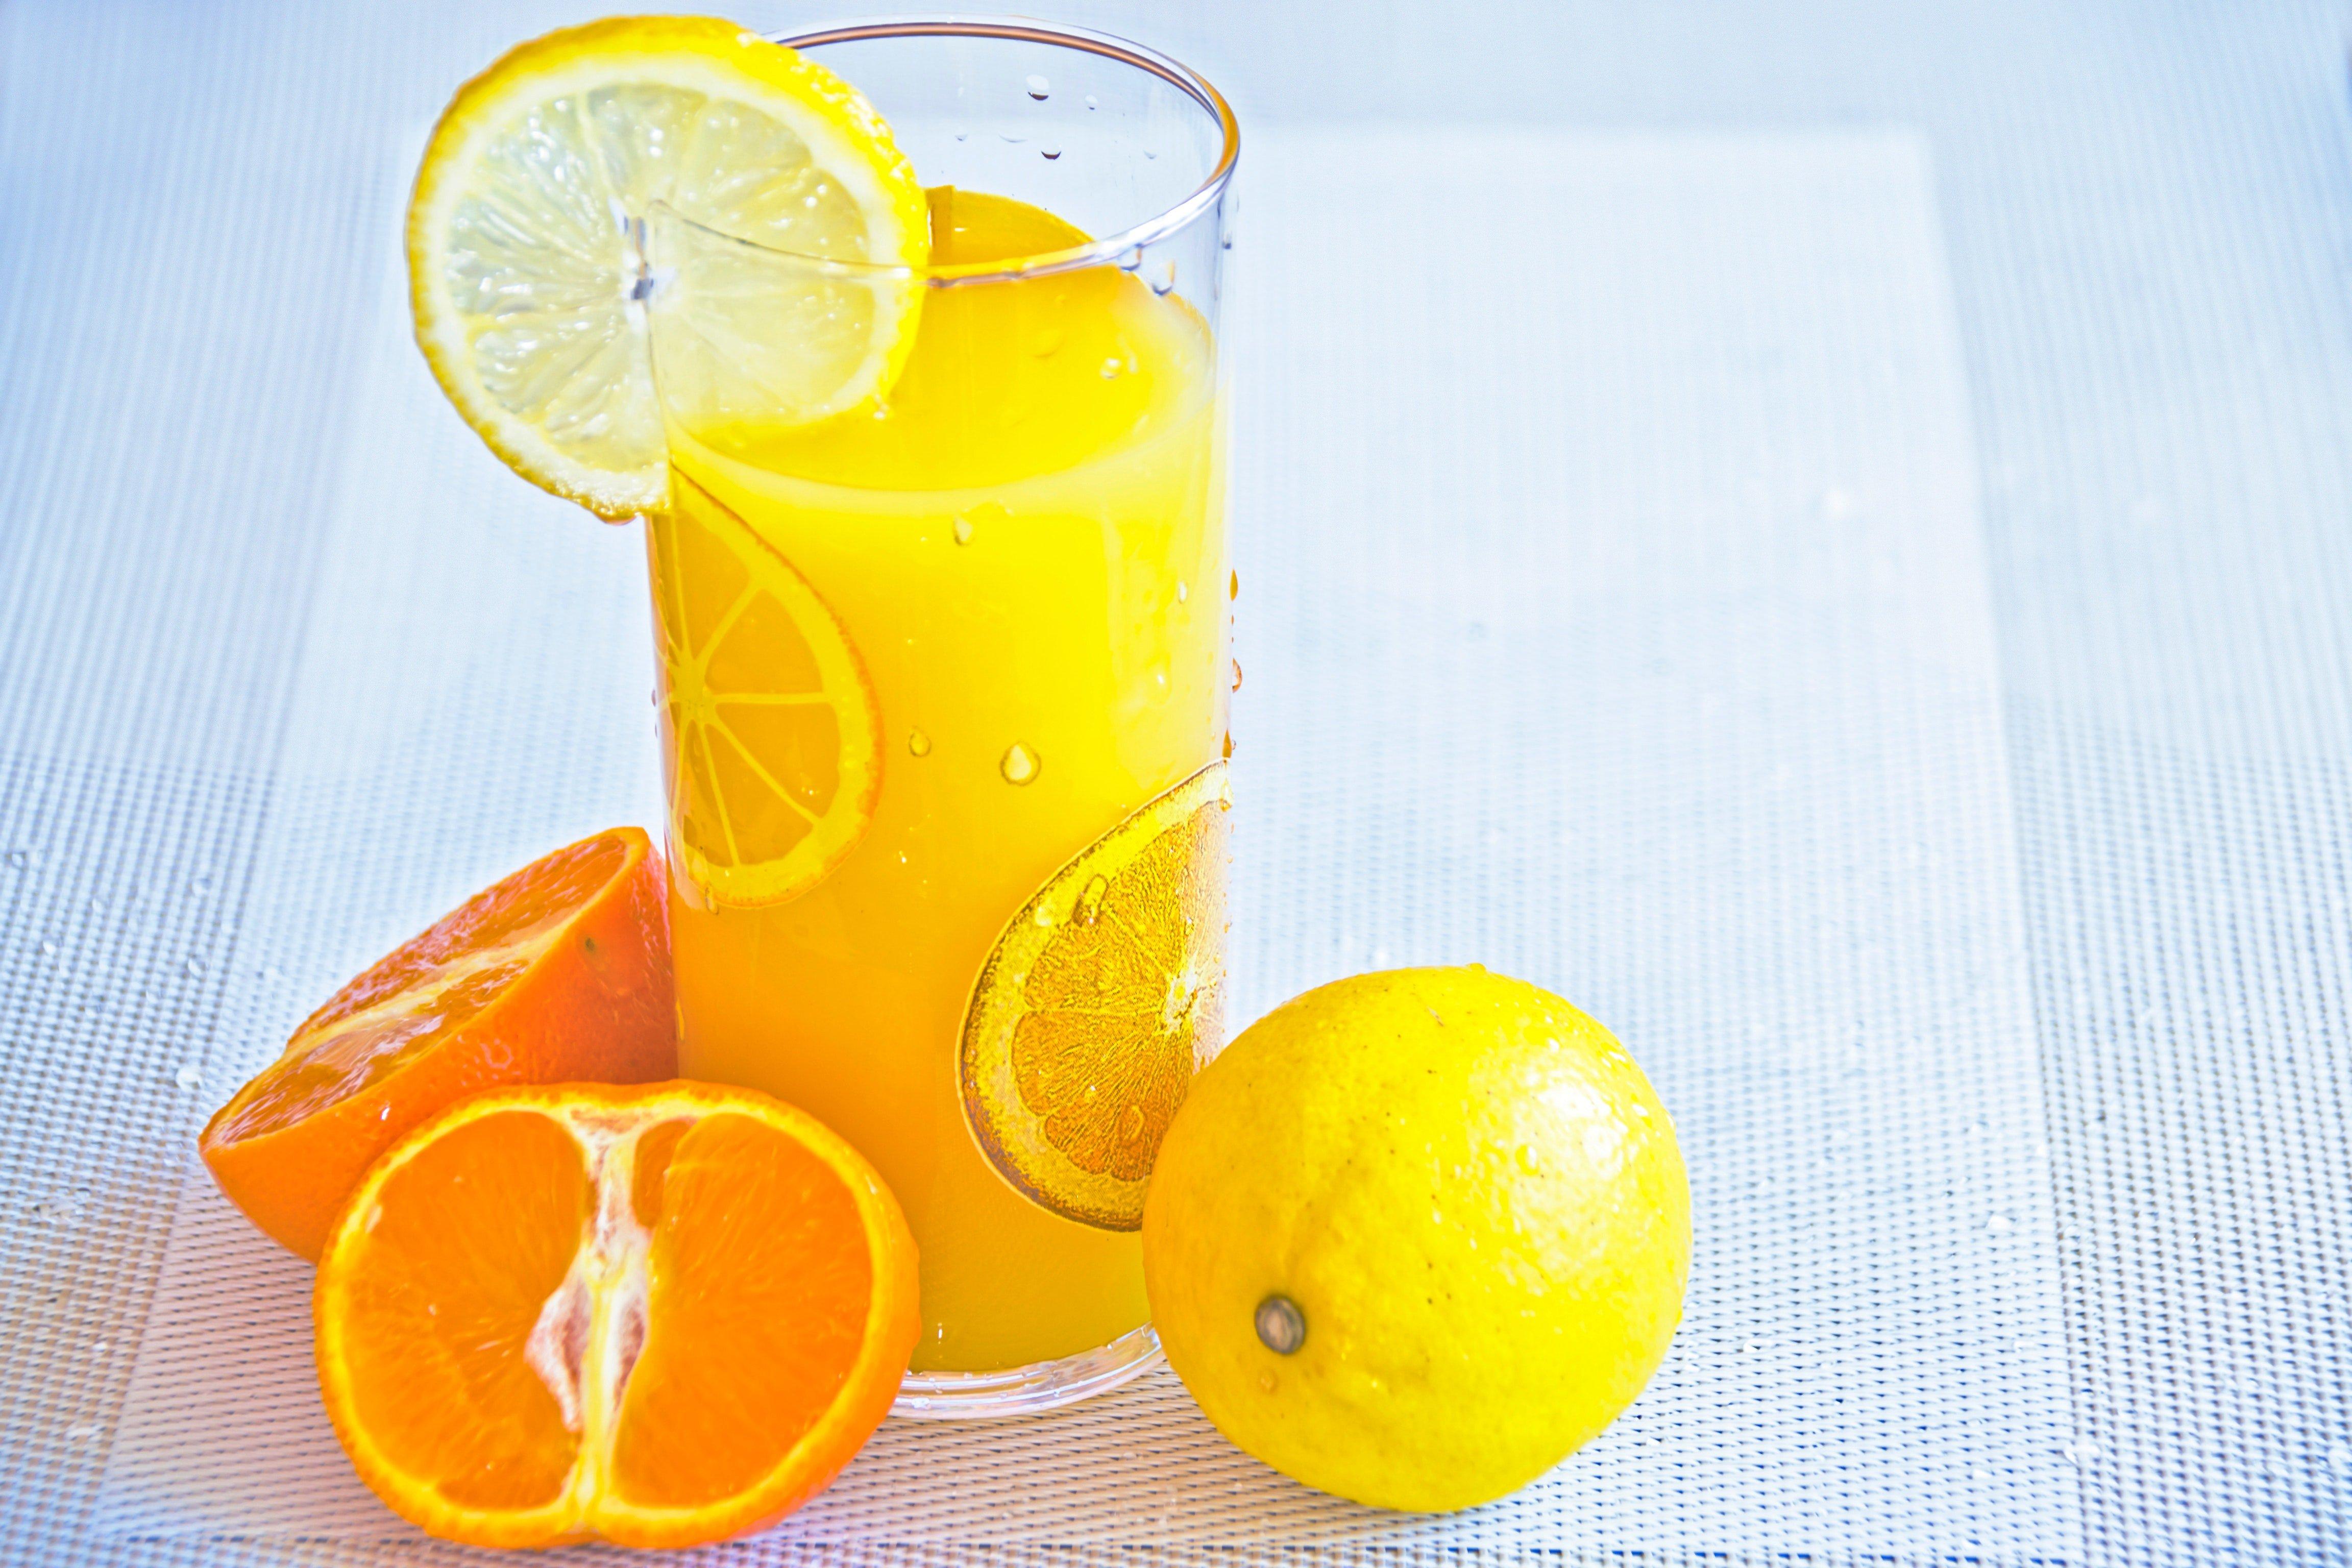 fruit juice production business